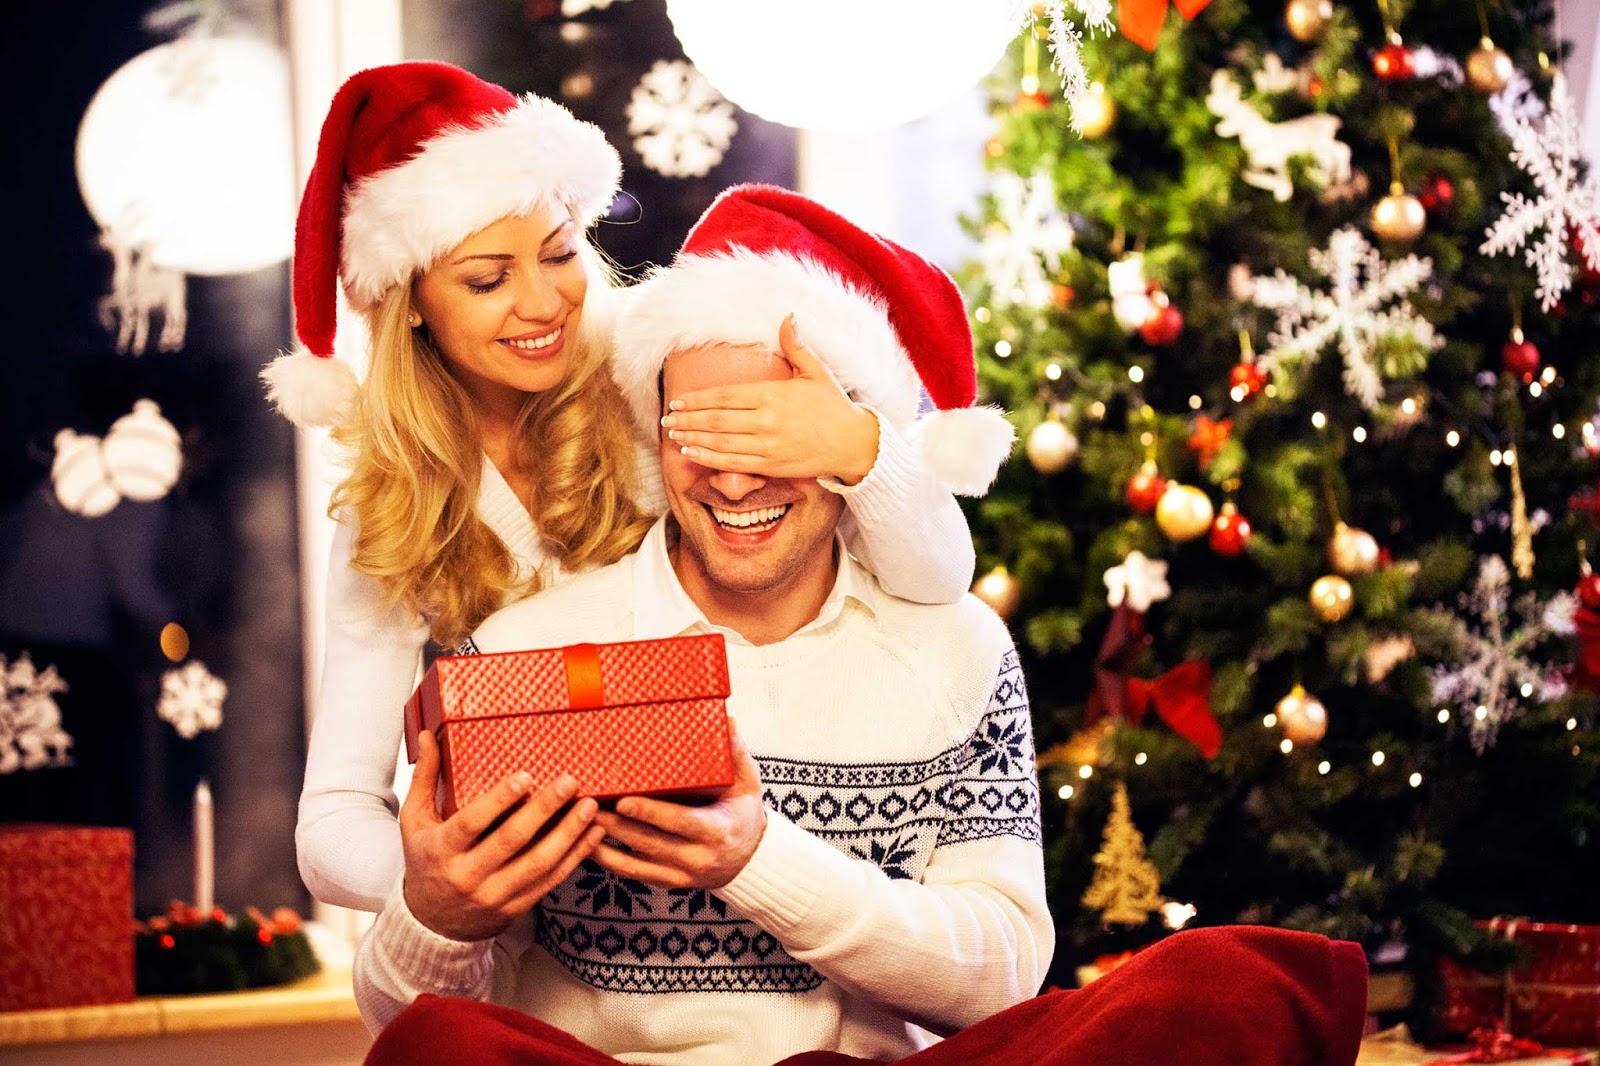 Regali Di Natale Per Donne.Regali Di Natale Per Lui Quest Anno Sorprendilo Con Un Regalo Beauty Glam Style